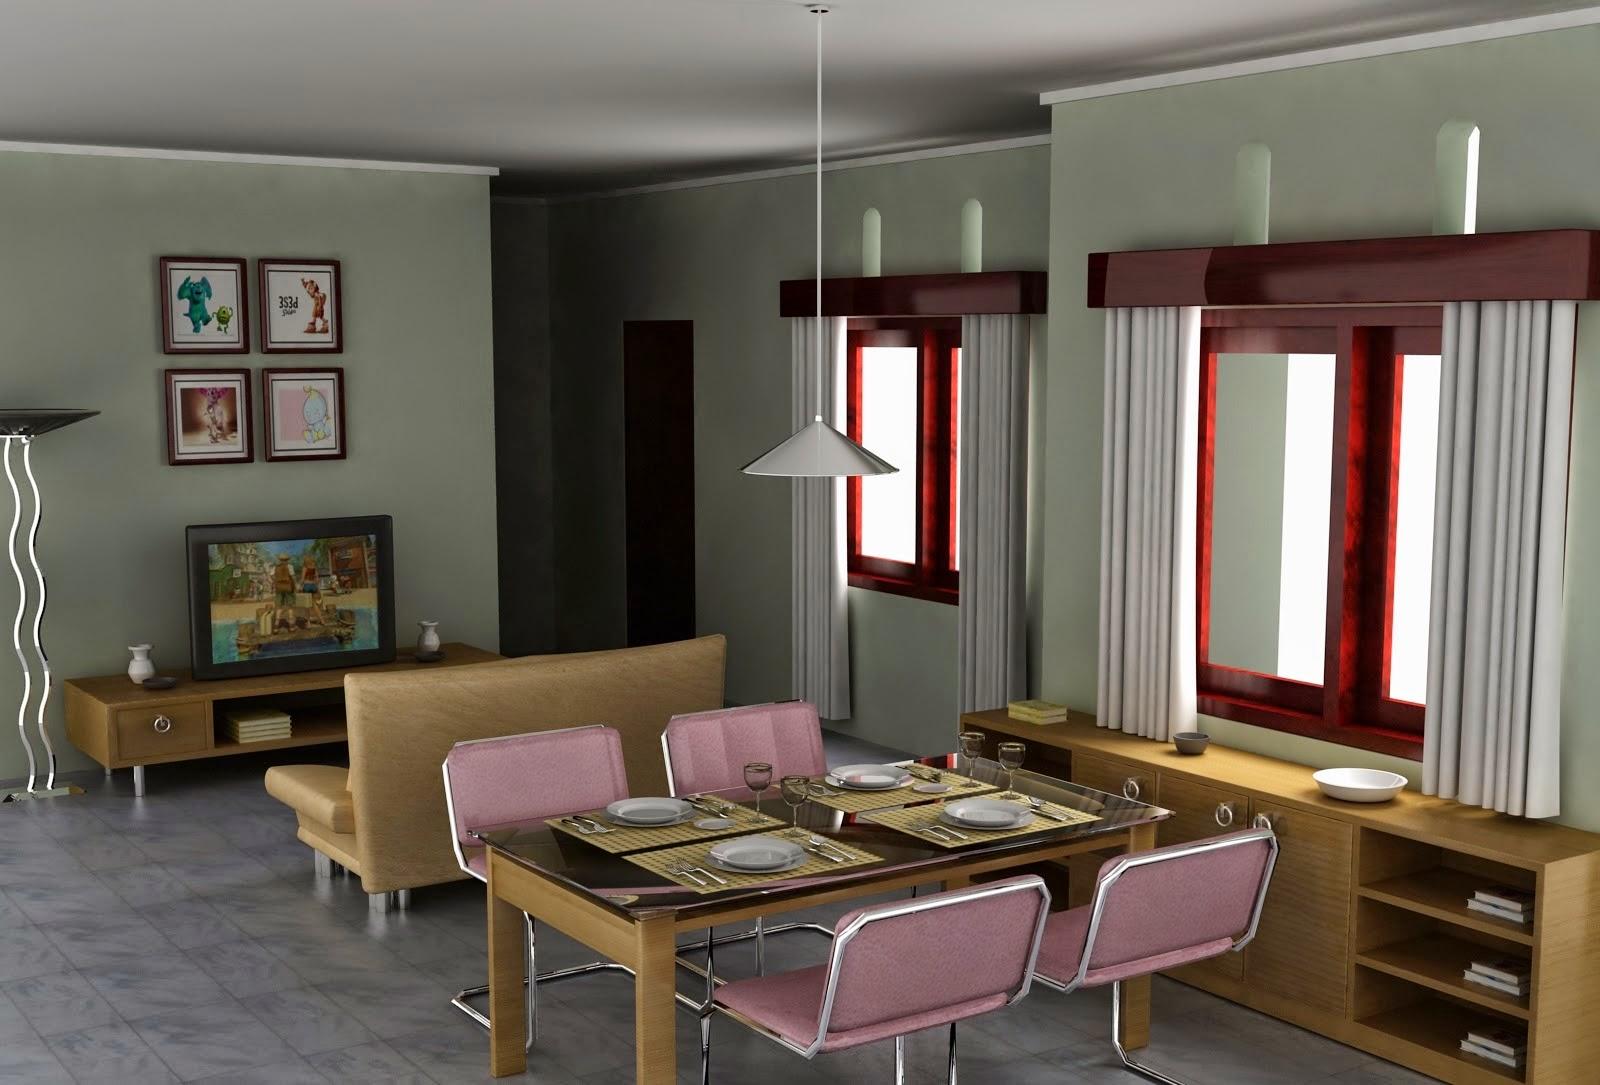 Desain Ruang Tamu Rumah Kampung Wallpaper Dinding